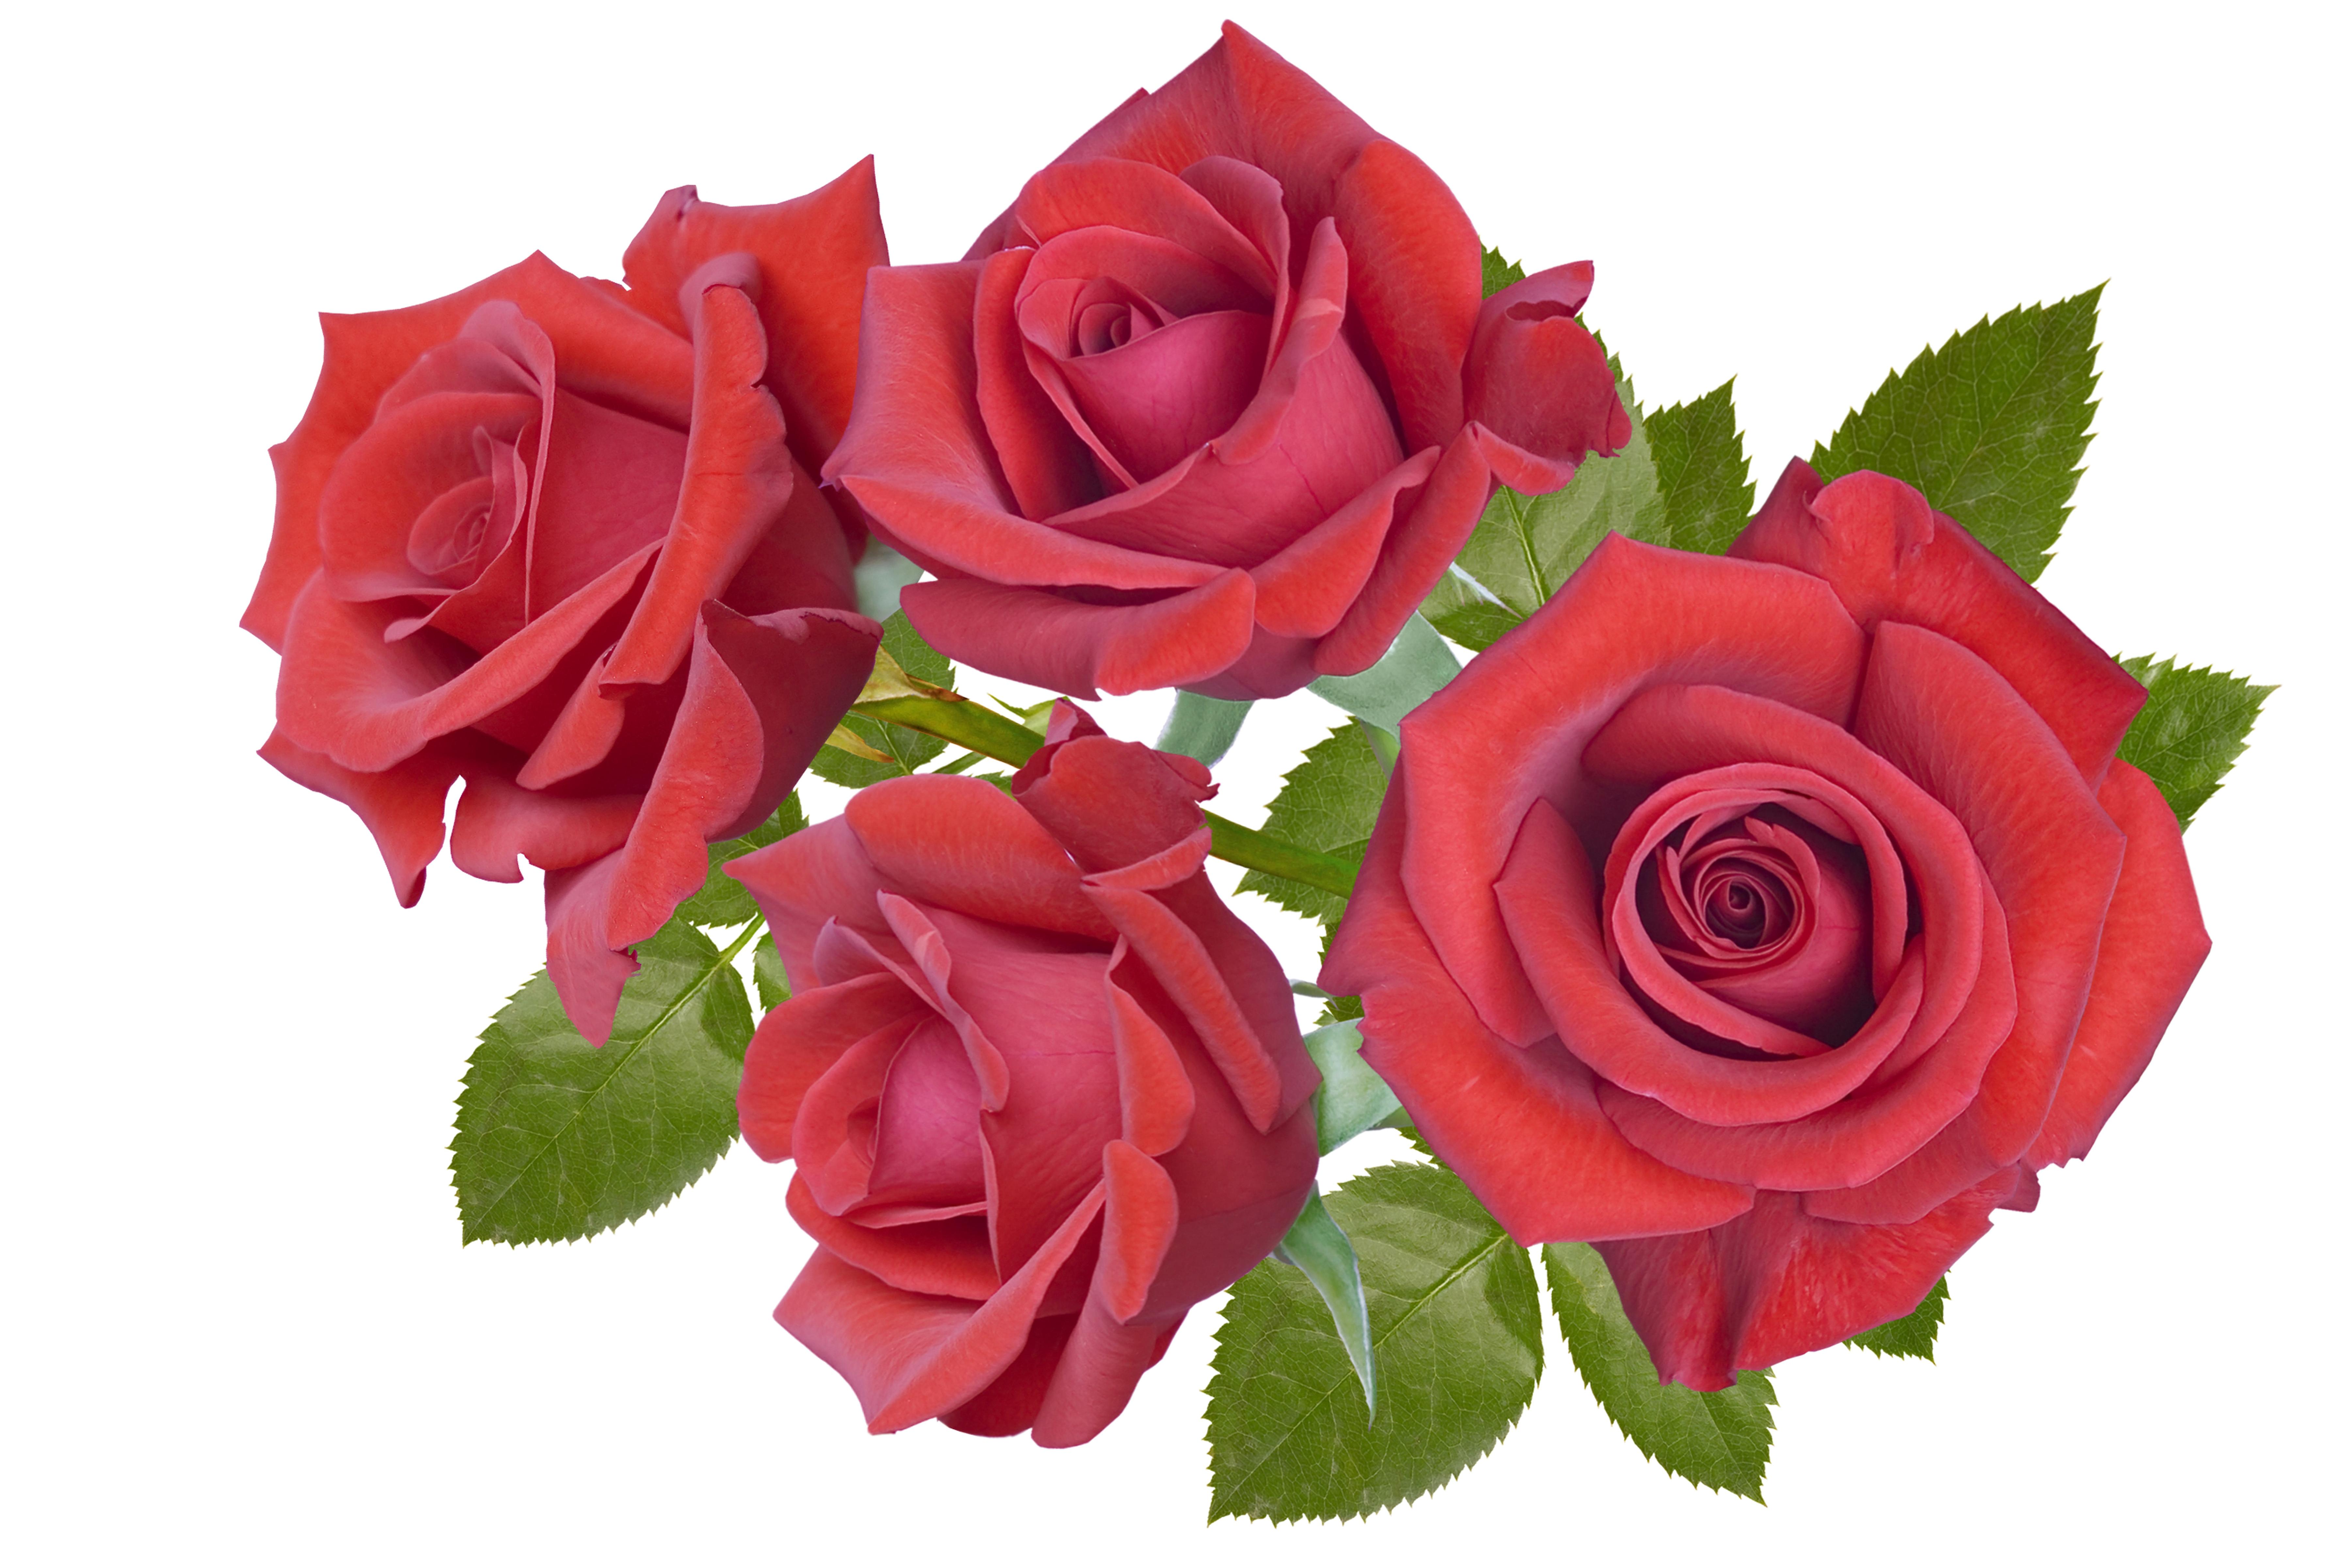 Цветы розы картинки на белом фоне